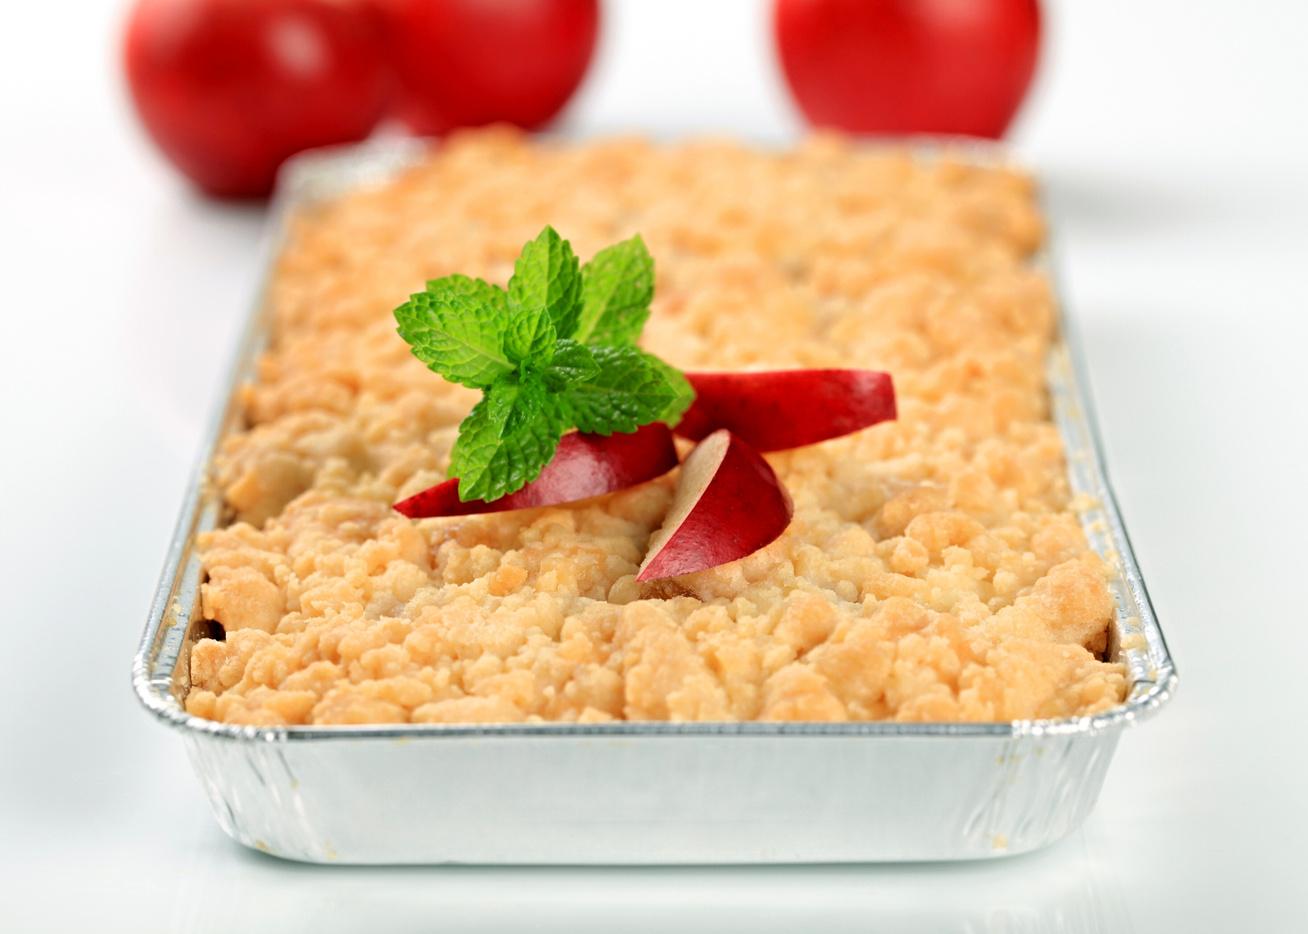 Fahéjas, almás morzsasüti: csak szórd egymásra a tésztát és a gyümölcsöt